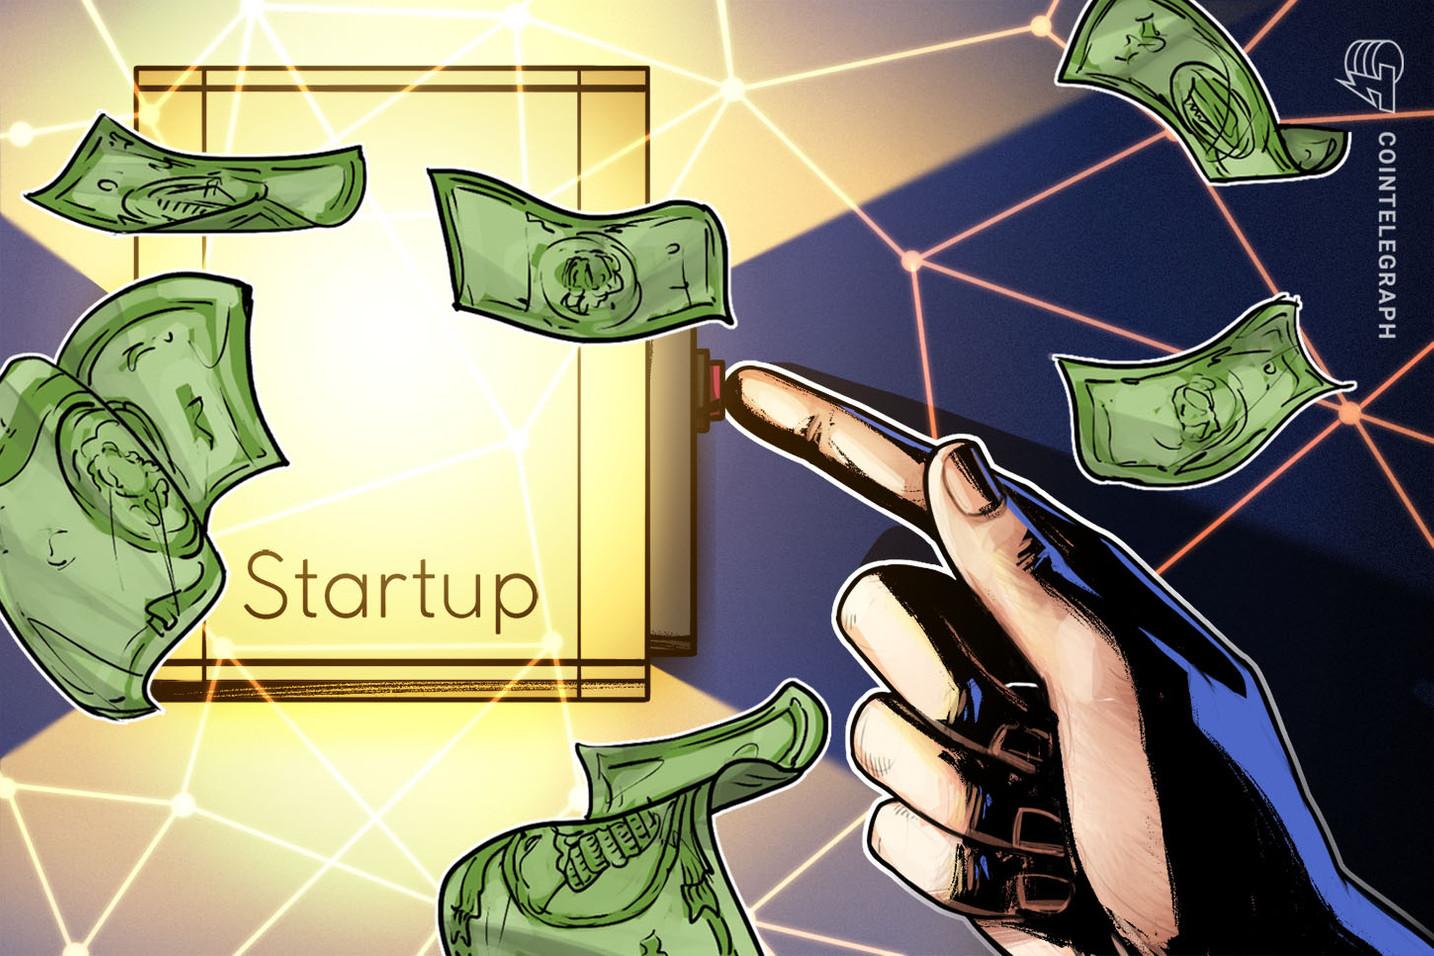 Startup de pagamentos levanta US$ 80 milhões do SBI Group, Visa e outros investidores